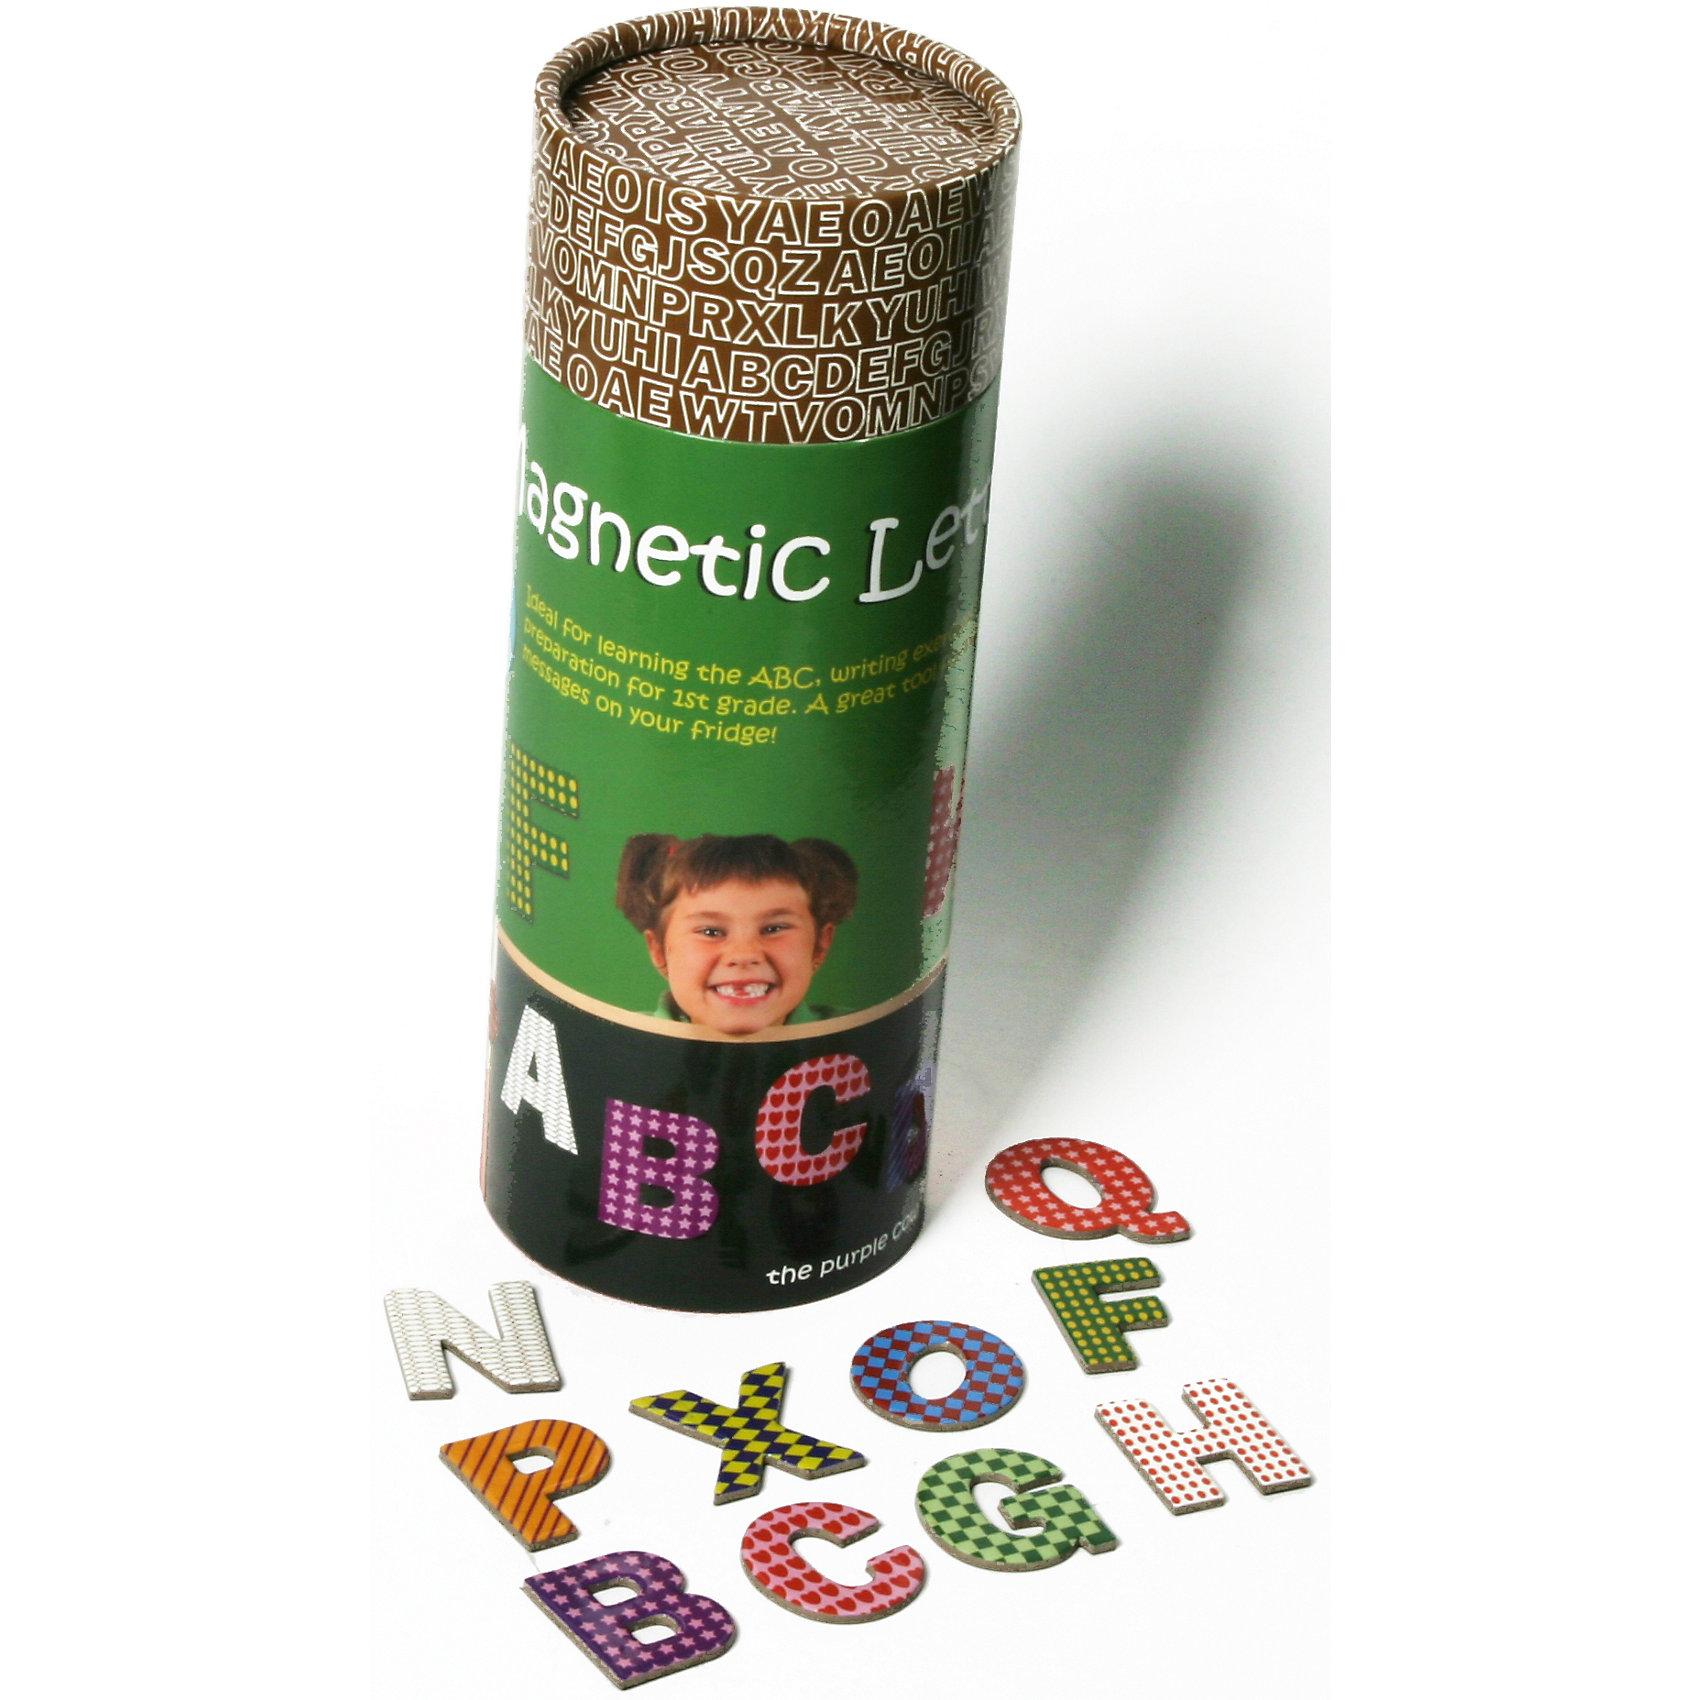 Магнитная игра Магнитные буквы английские, The Purple CowРазвивающие игры<br>Обучающий набор для детей позволяет в игровой форме обучить малыша английской азбуке, научить его составлять простые слова из букв, правильно произносить их. Магнитные буквы английские крепятся на любую металлическую поверхность: магнитное игровое поле, магнитную сторону обучающей доски, на холодильник. <br><br>Магнитную игру Магнитные буквы английские, The Purple Cow можно купить в нашем интернет-магазине.<br><br>Ширина мм: 25<br>Глубина мм: 10<br>Высота мм: 10<br>Вес г: 359<br>Возраст от месяцев: 36<br>Возраст до месяцев: 2147483647<br>Пол: Унисекс<br>Возраст: Детский<br>SKU: 5007043